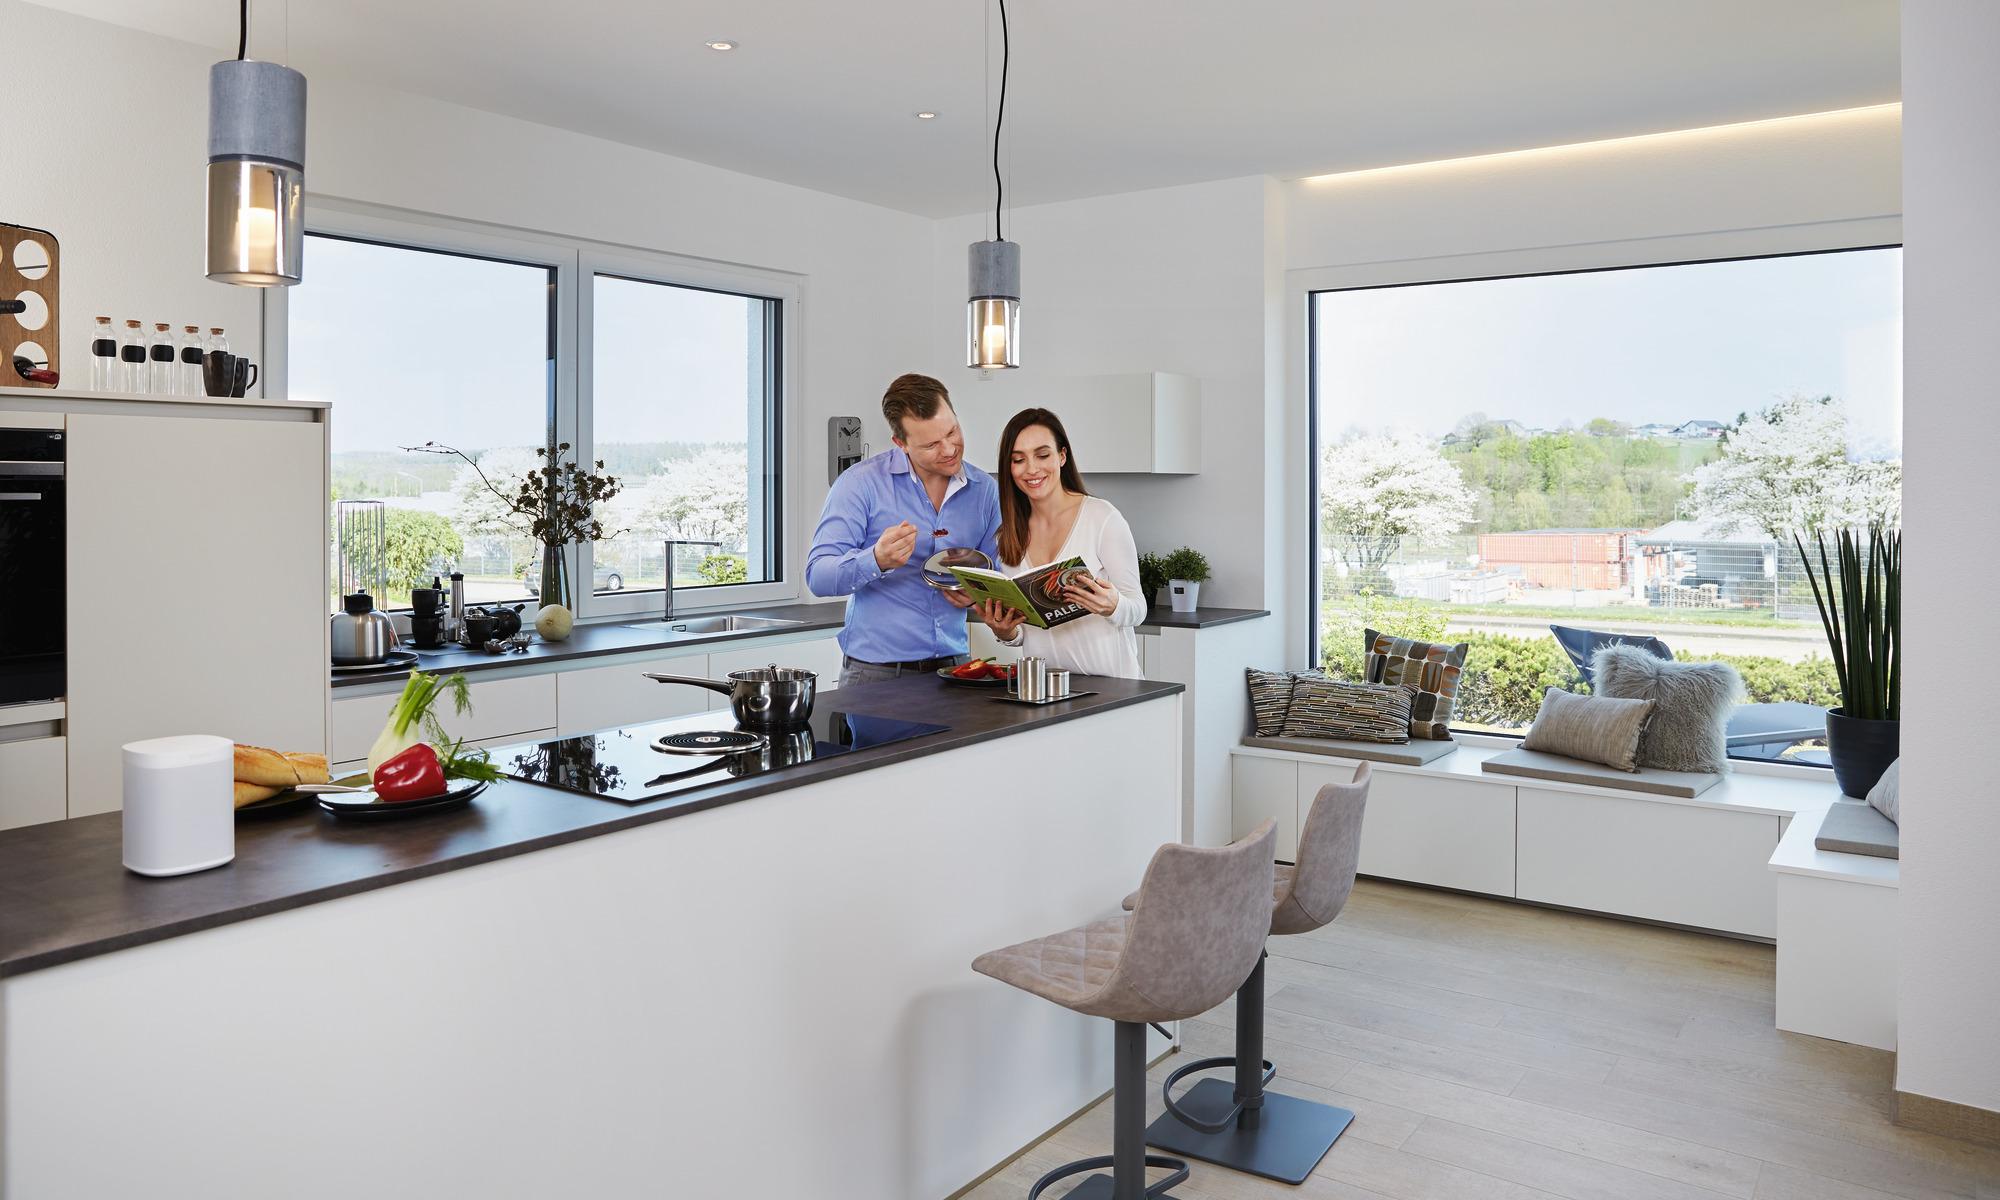 Küche mit Eckverglasung und integrierter Fenstersitzbank